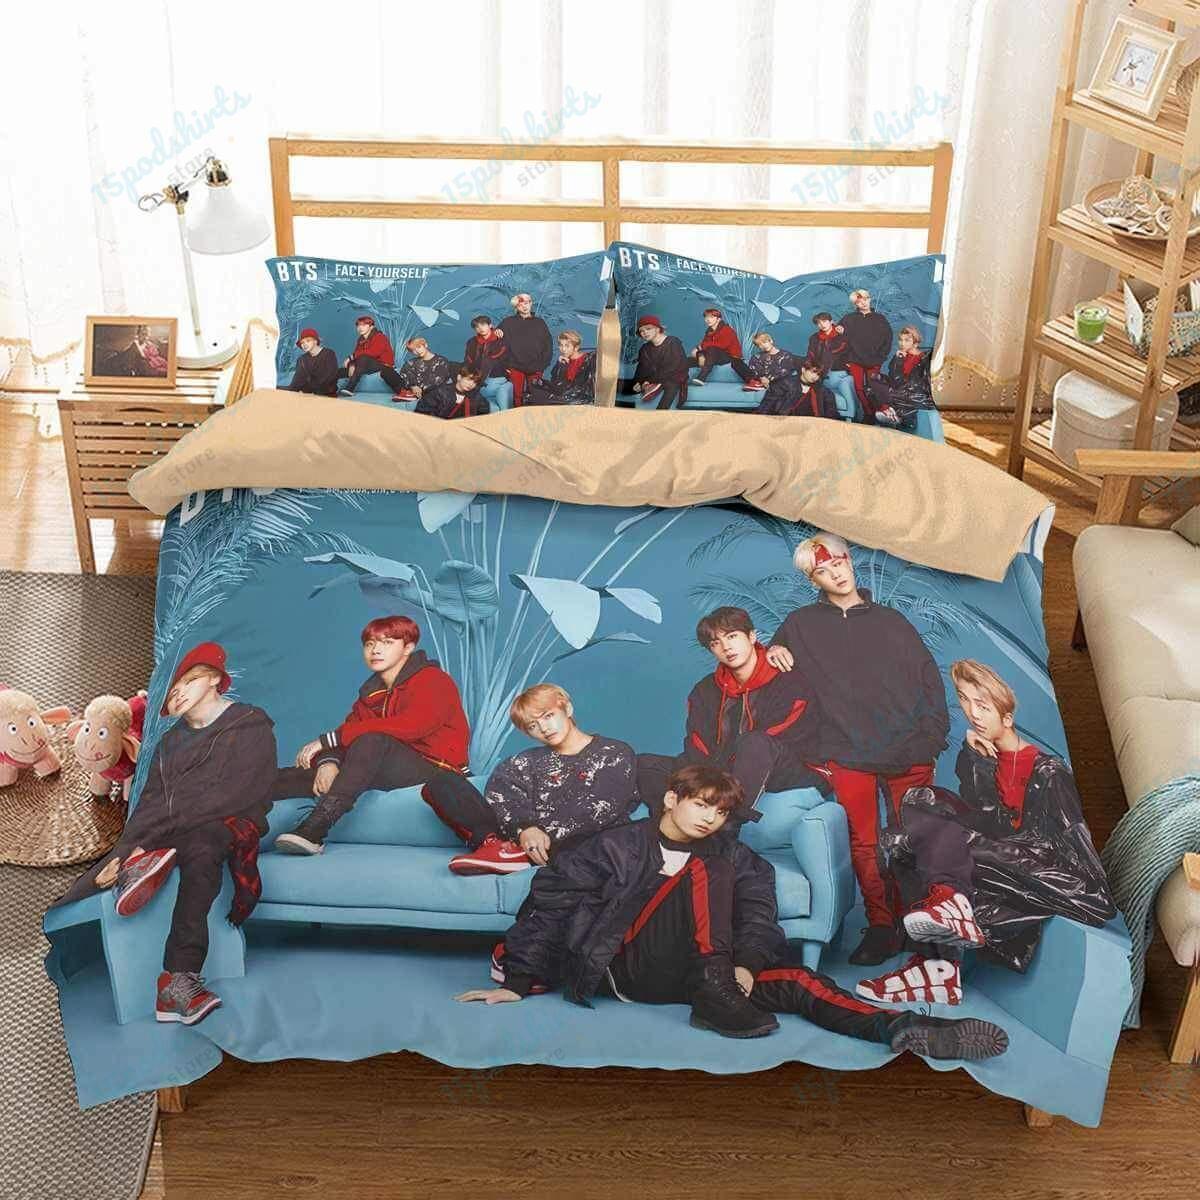 Bts 4 Duvet Cover Bedding Set